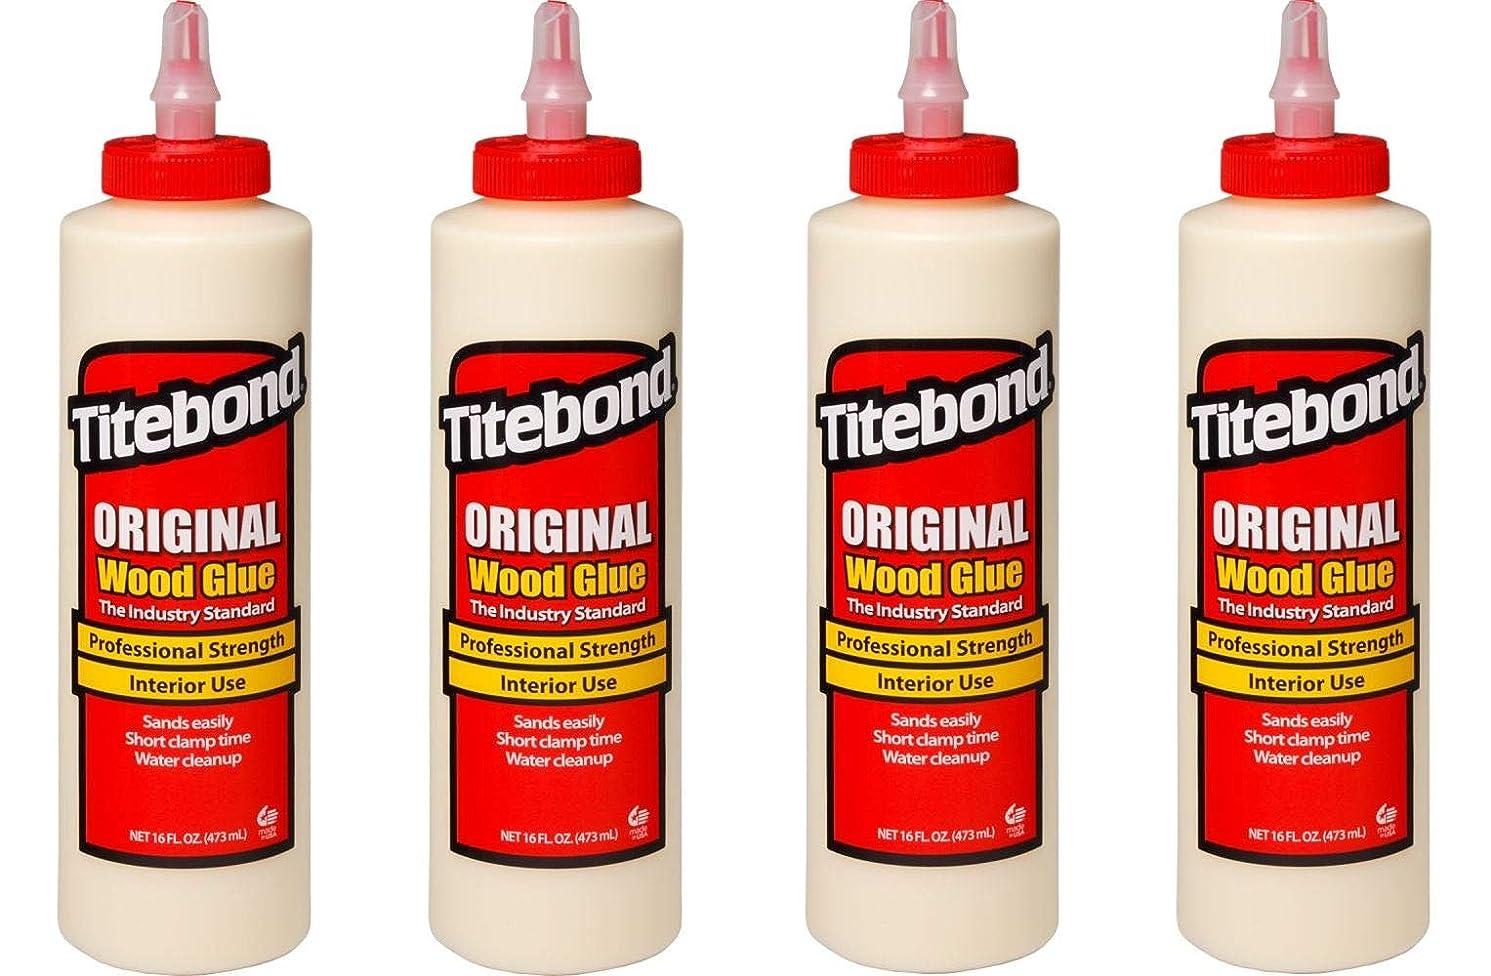 Titebond 5064 Original Wood Glue, 16-Ounces (Fоur Paсk)